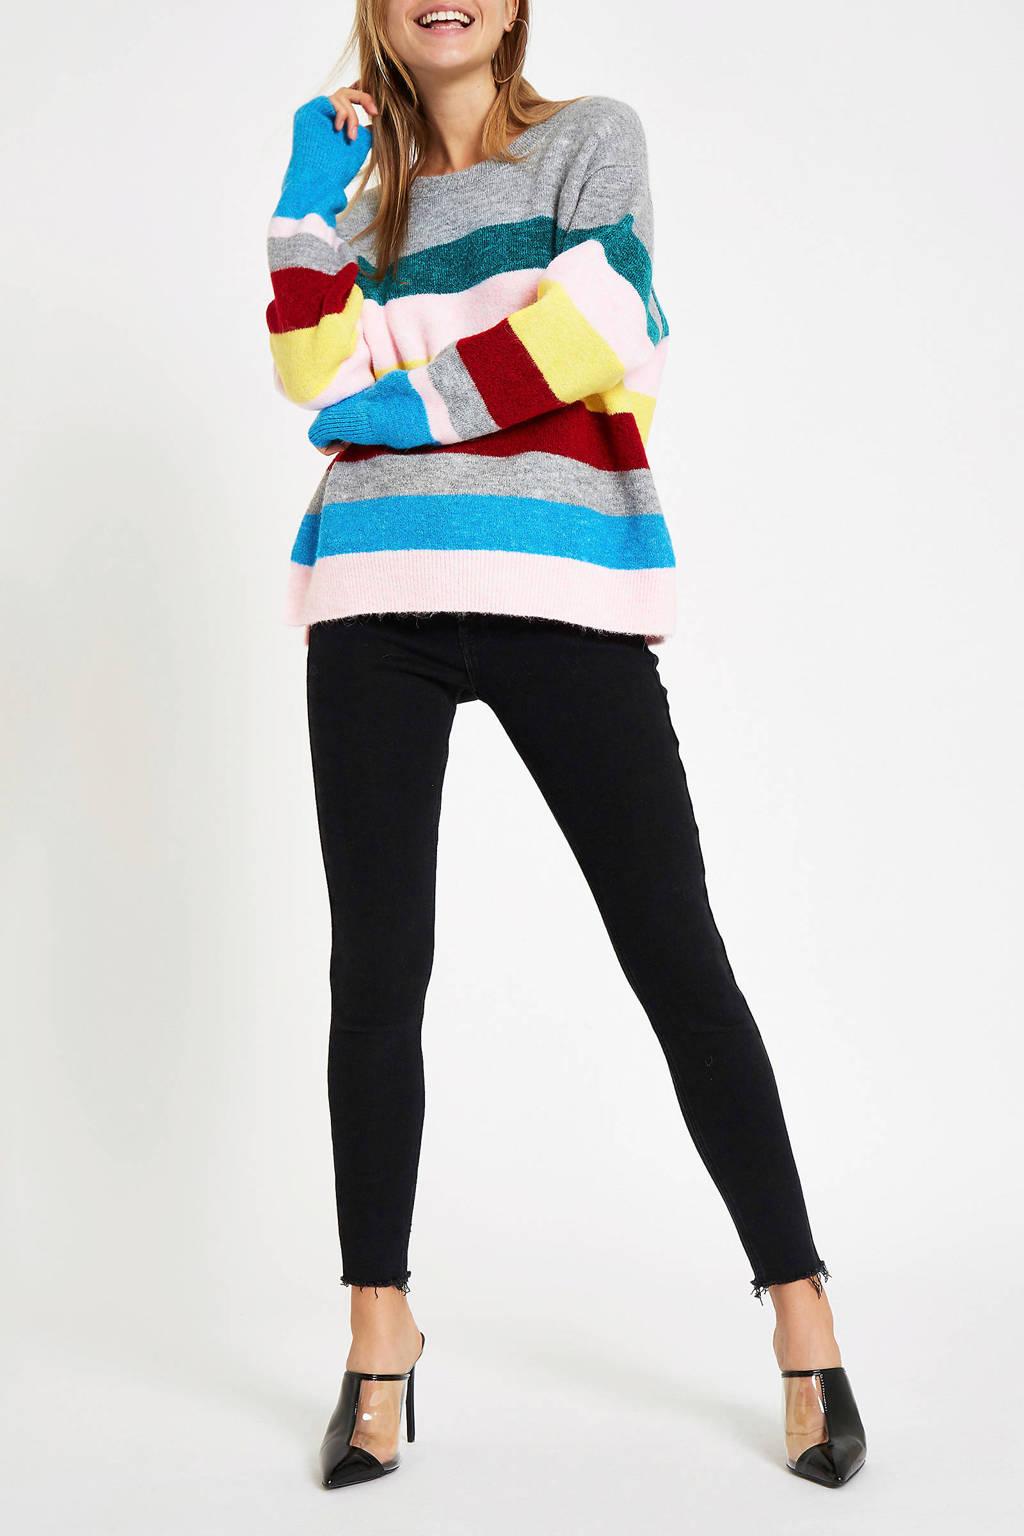 River Island gestreepte trui, Grijs/blauw/roze/rood/geel